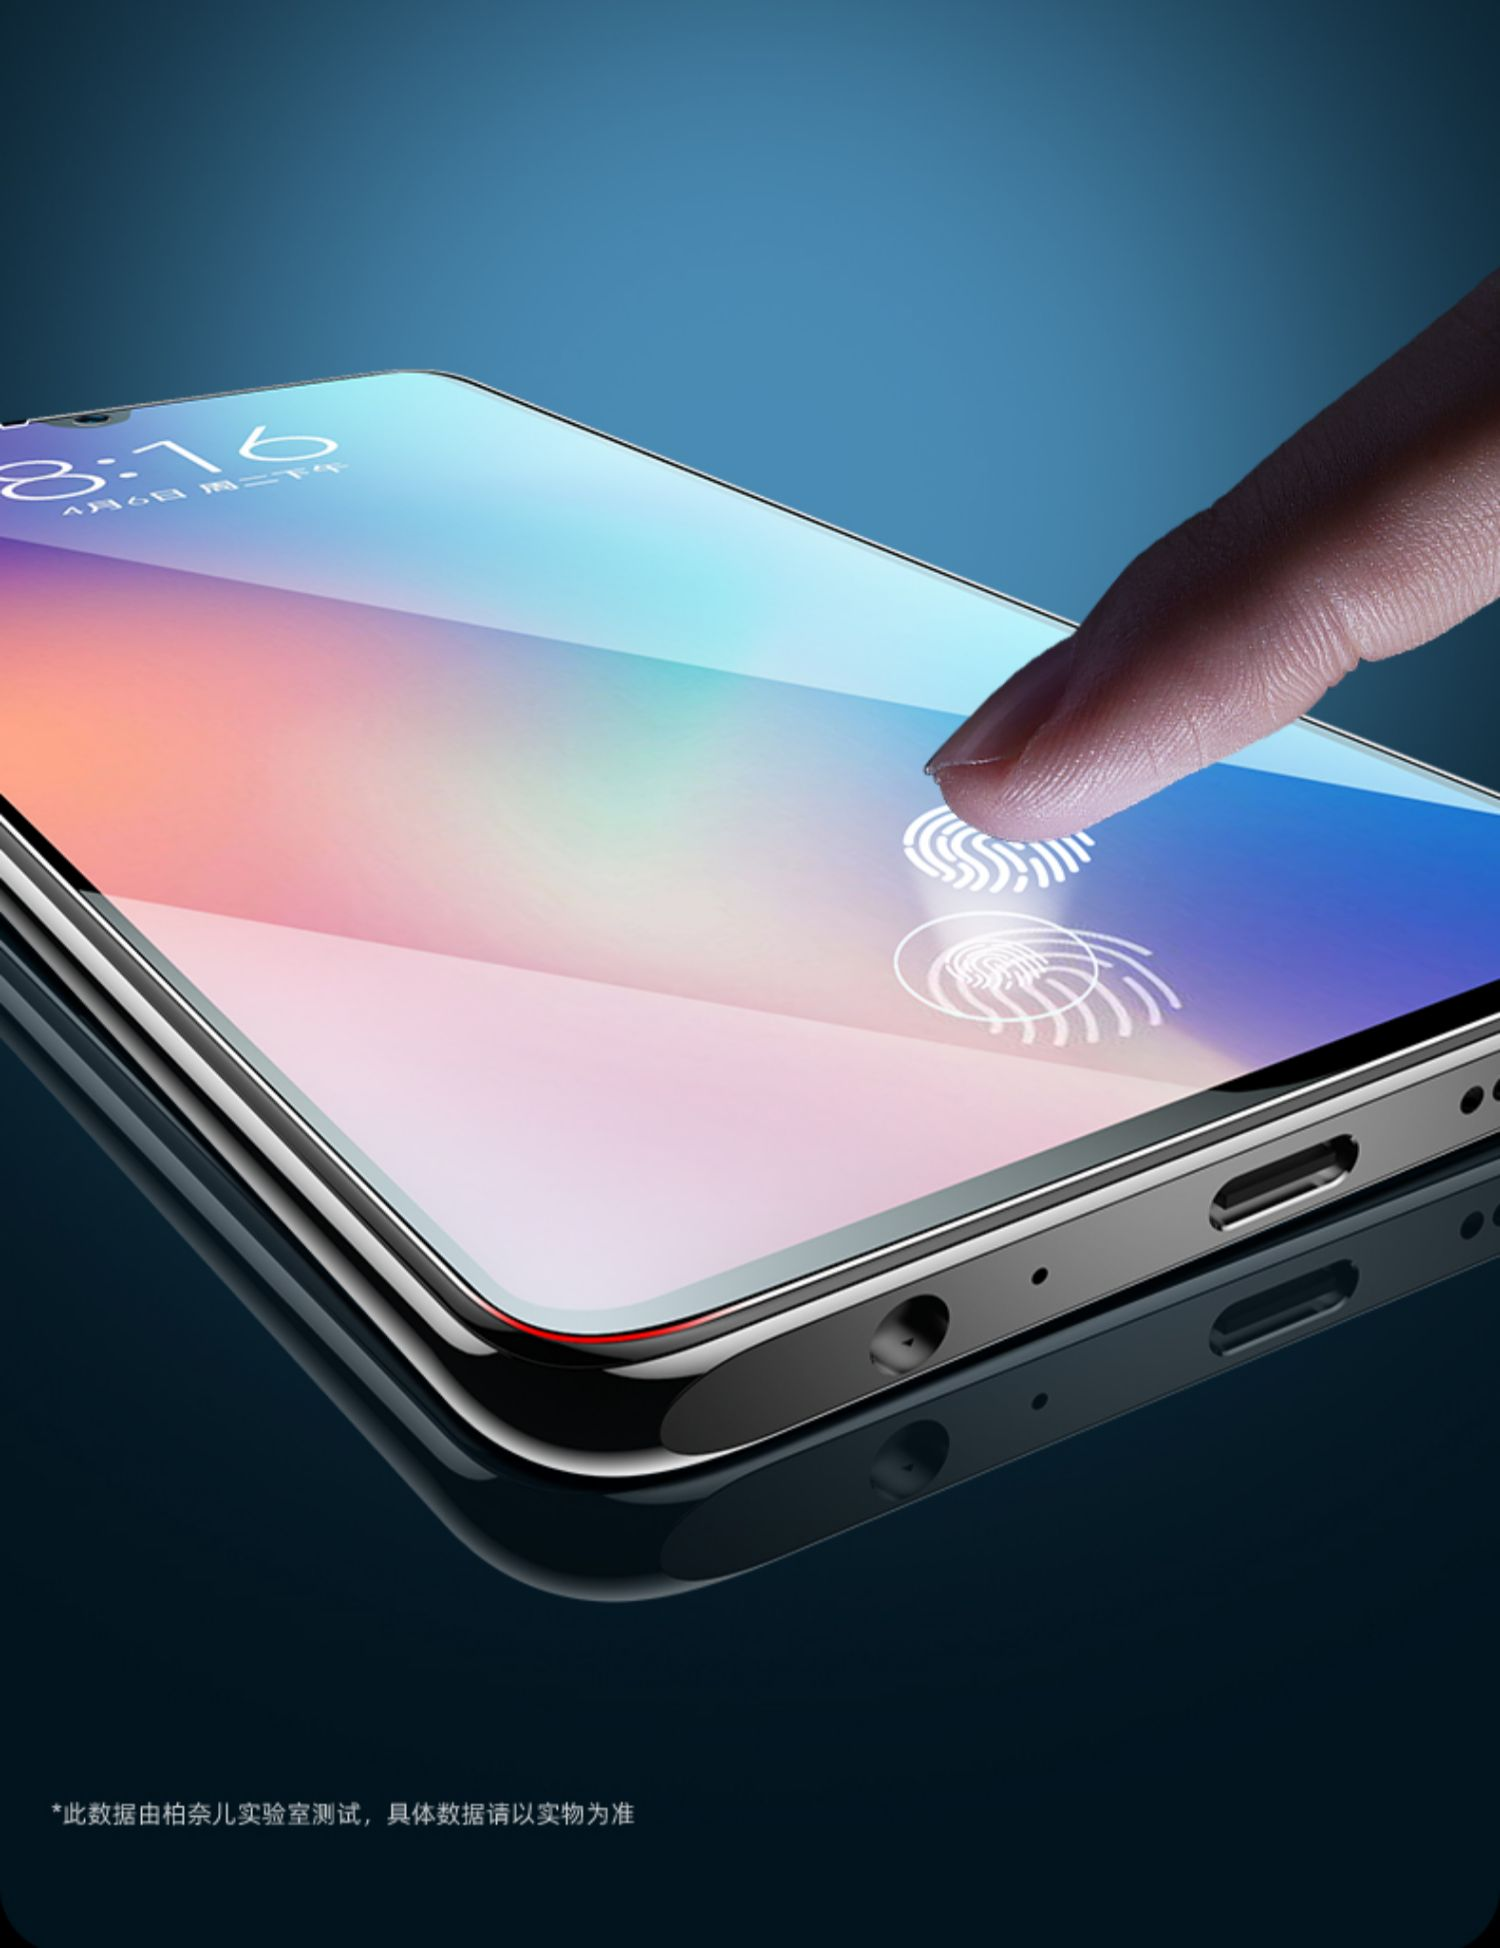 适用小米8钢化膜9se手机11ultra全屏10s红米note7note8pro青春k30k40k20十cc9a至尊mix2s纪念6x版redmi3保护i